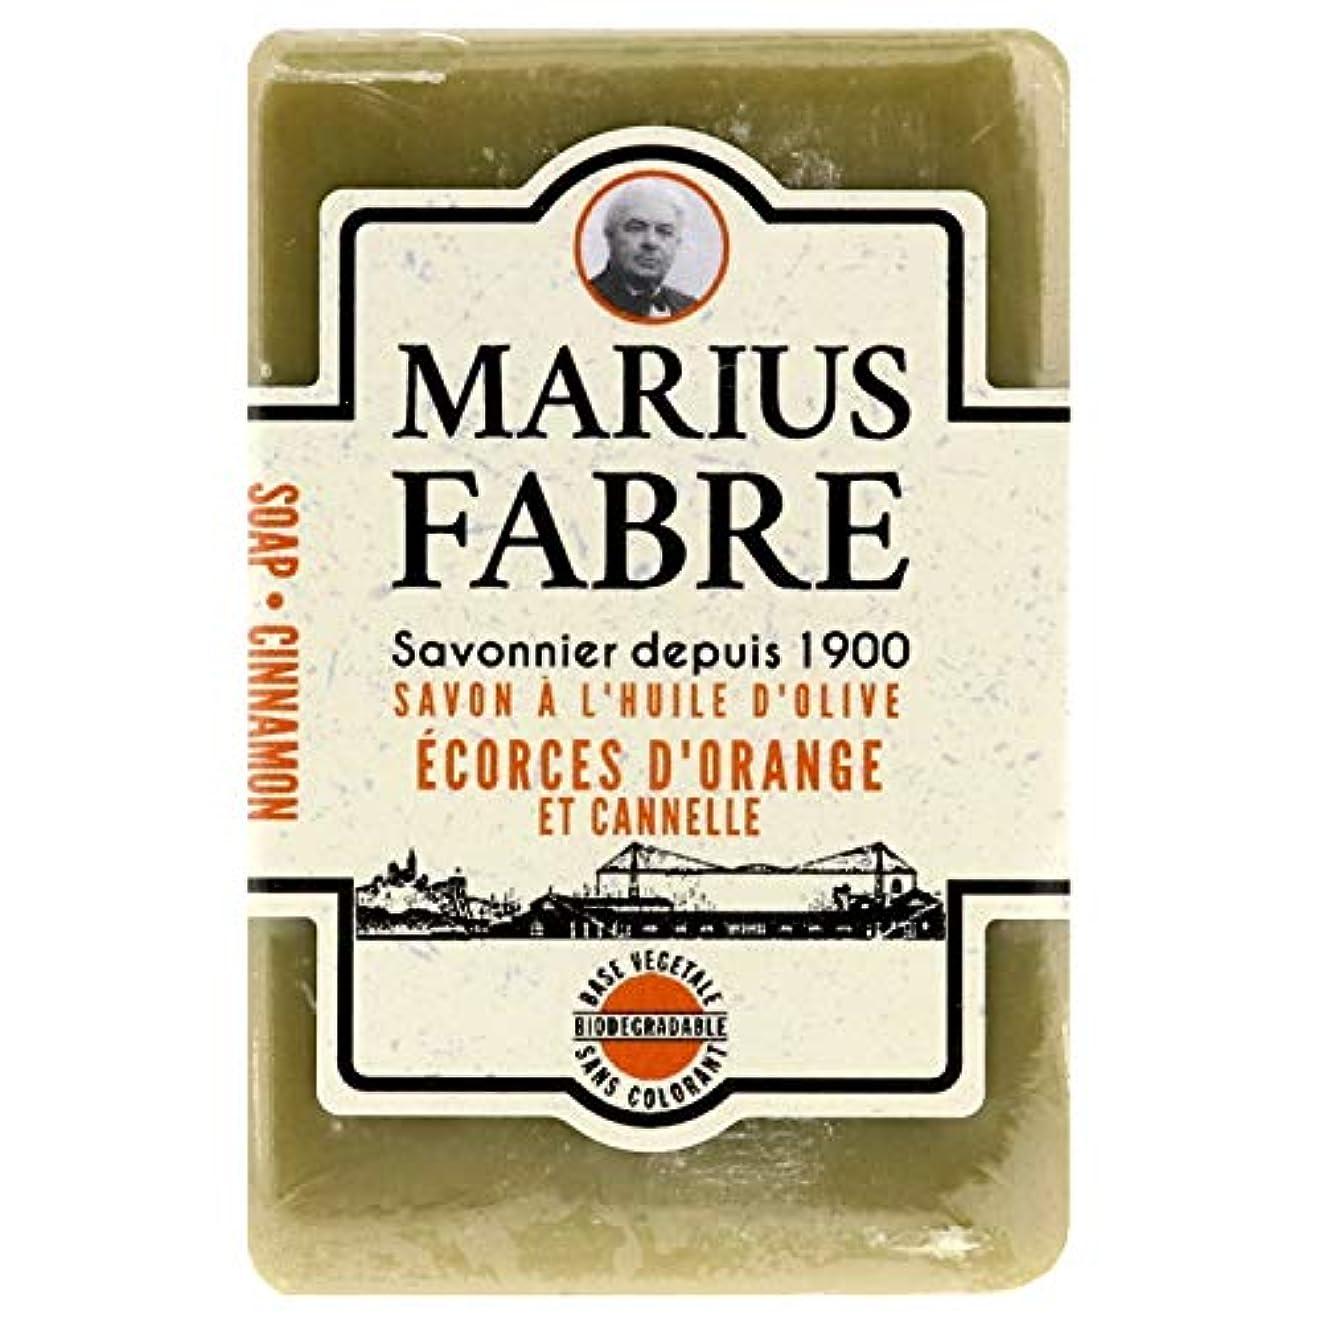 シビック粒ヨーロッパサボンドマルセイユ 1900 シナモンオレンジ 150g